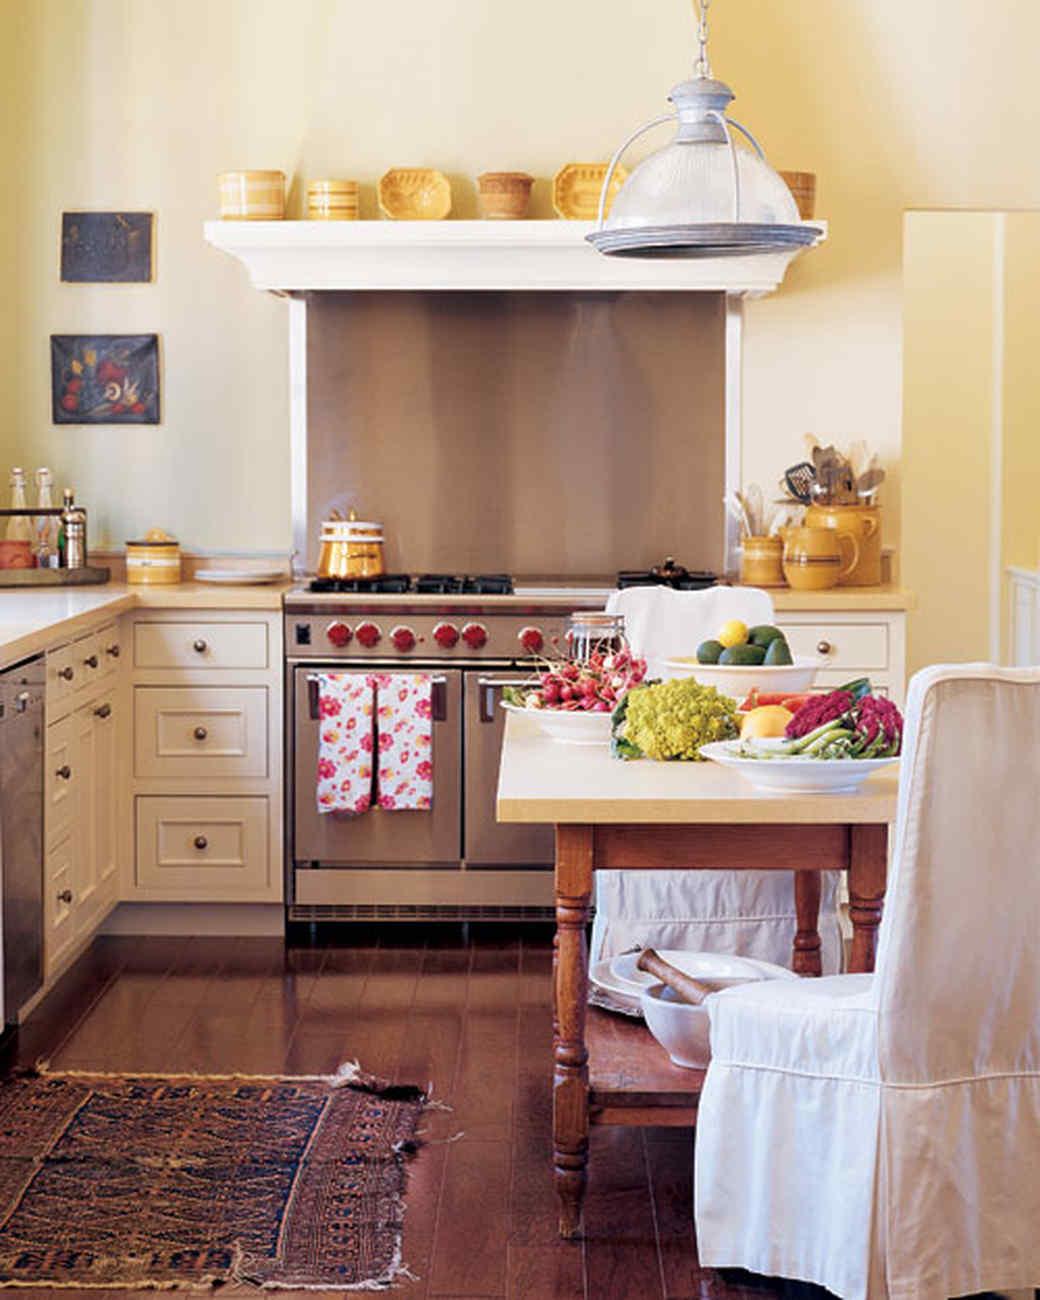 ml0904welc5_sept2004_kitchen.jpg